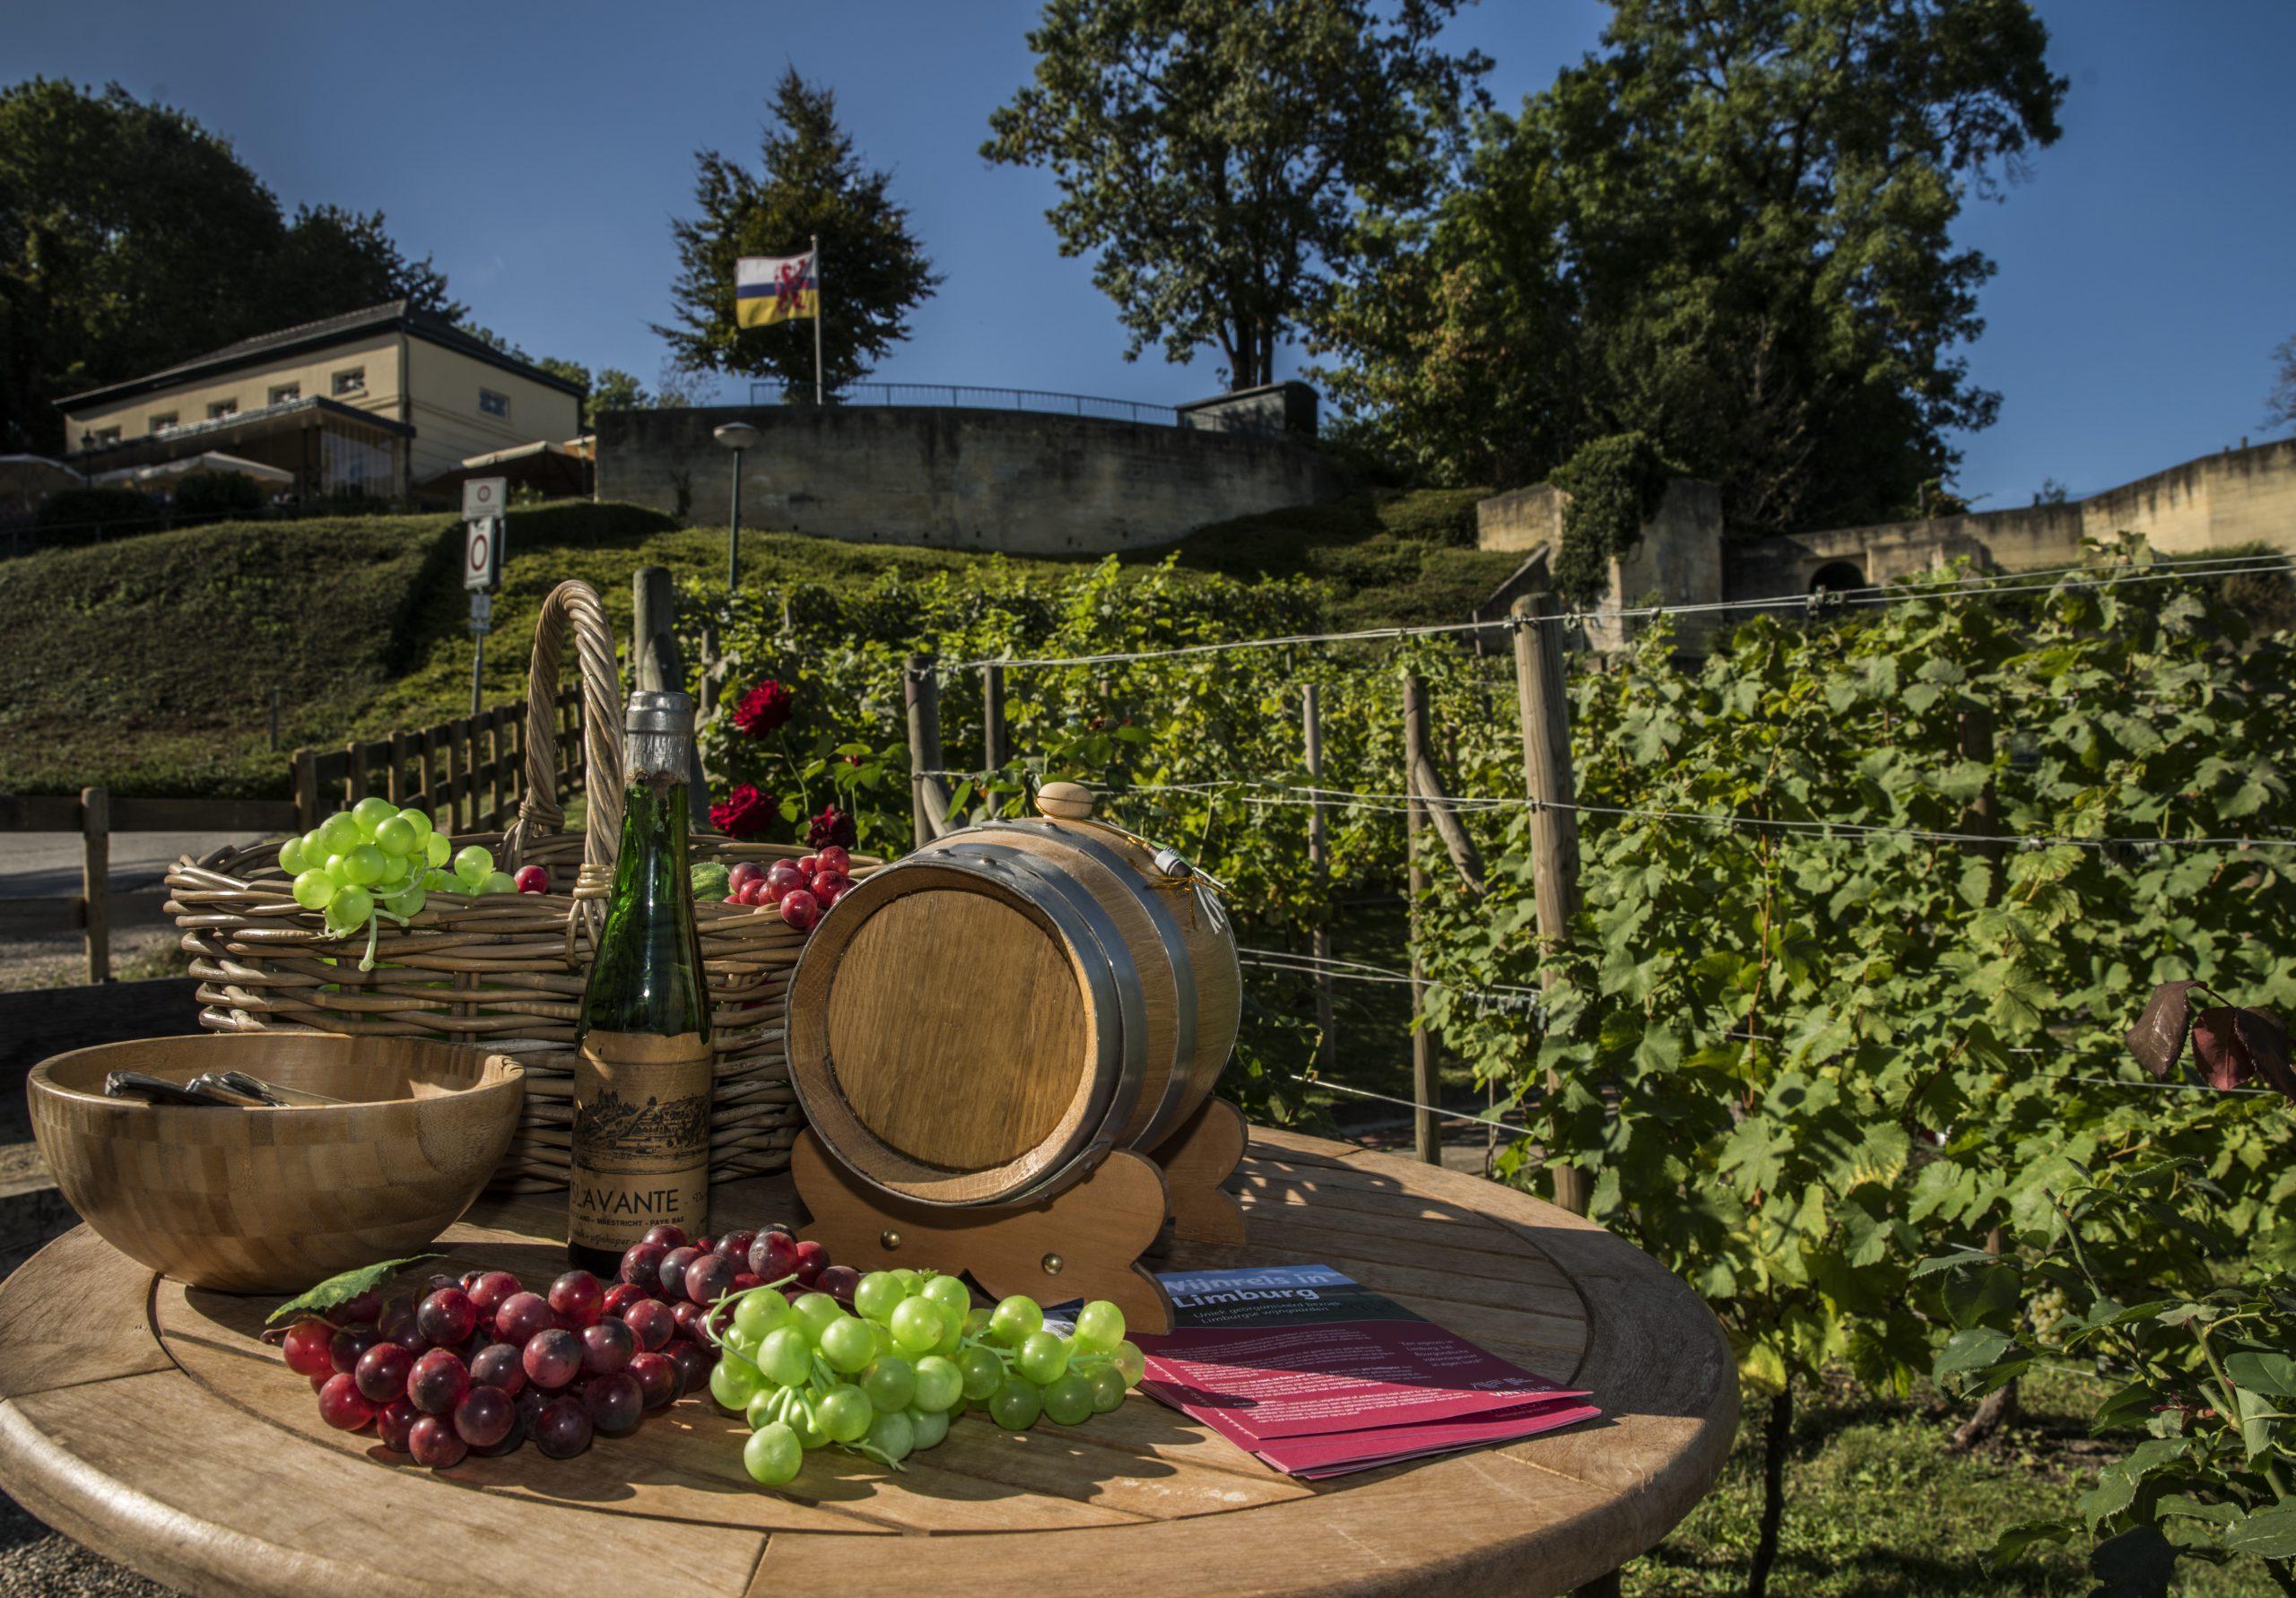 Wijngaard Limburgse wijn Mergelland